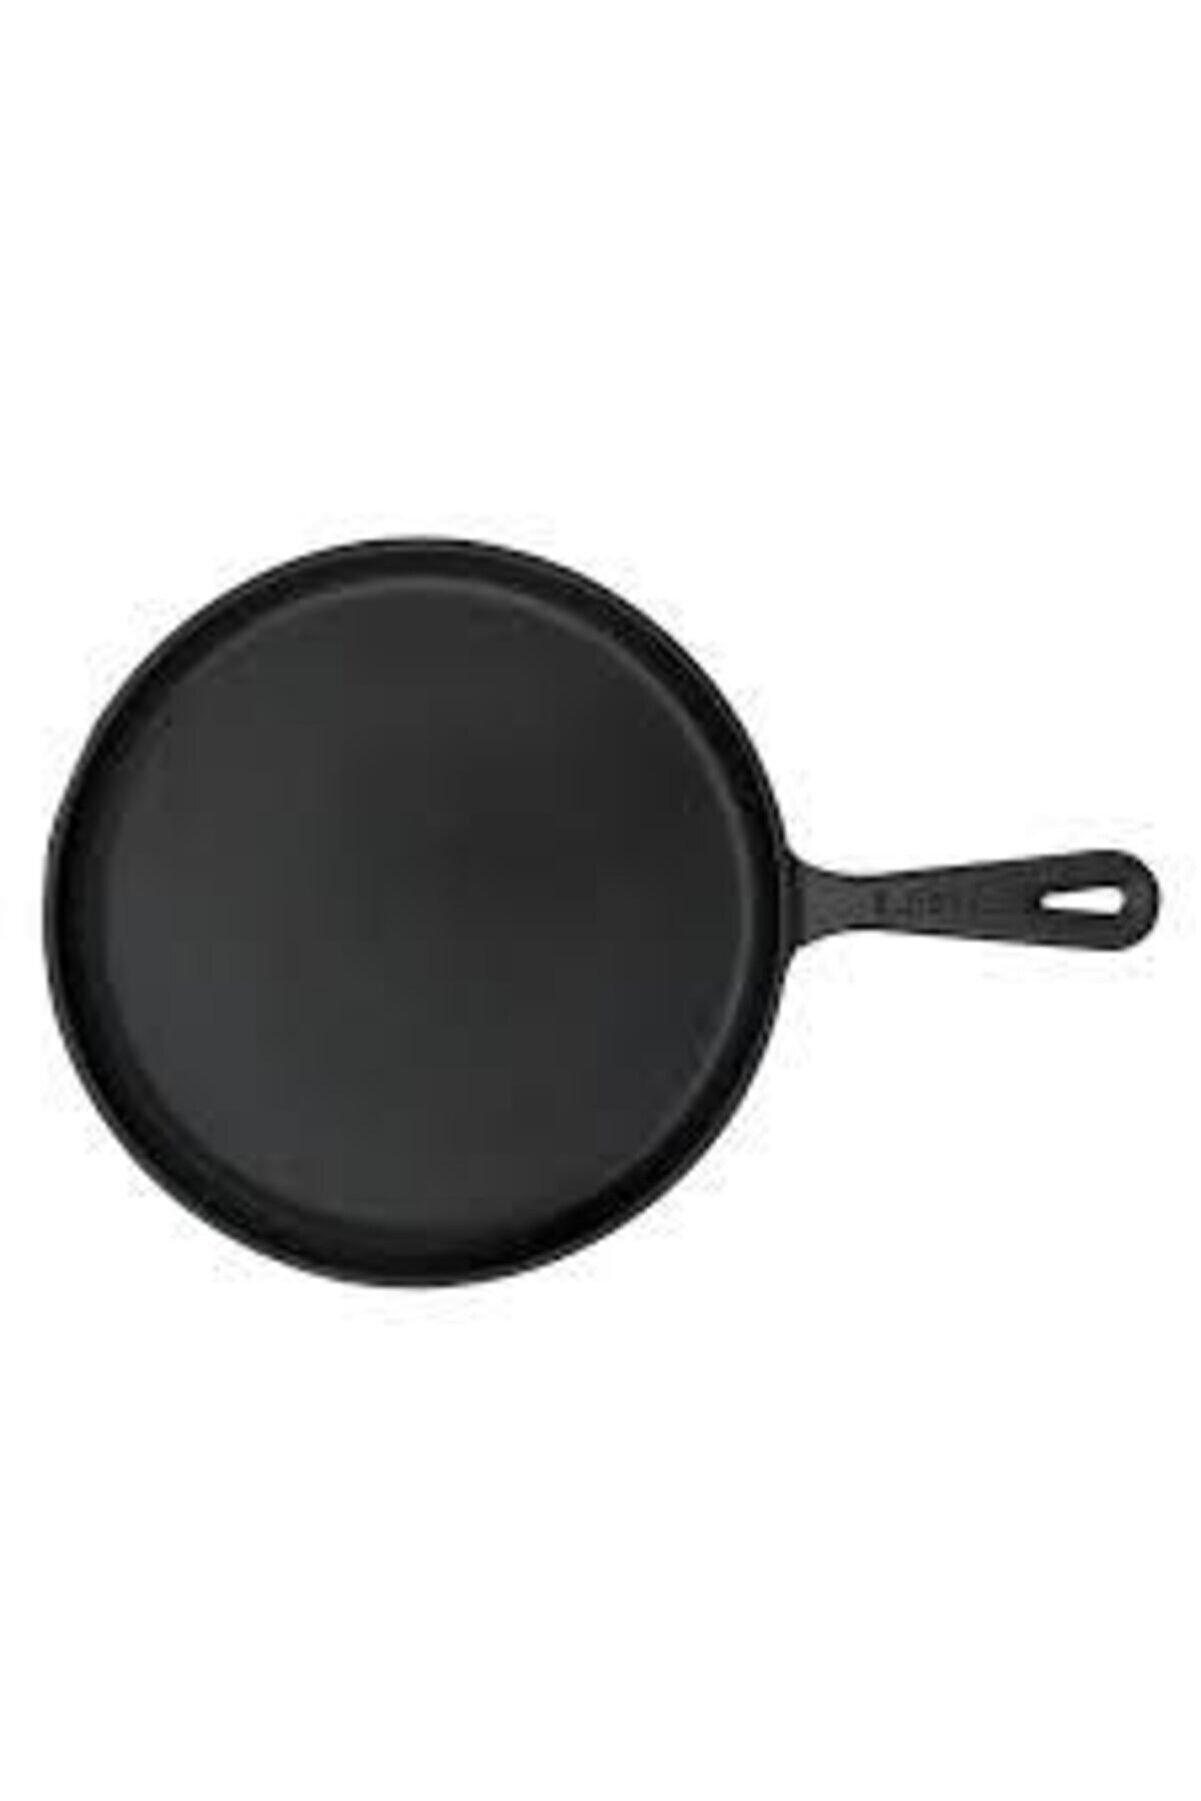 Lava Döküm Krep/pizza/pancake Tavası,yuvarlak,metal Saplı Çap 26 Cm Lvecoykrp26